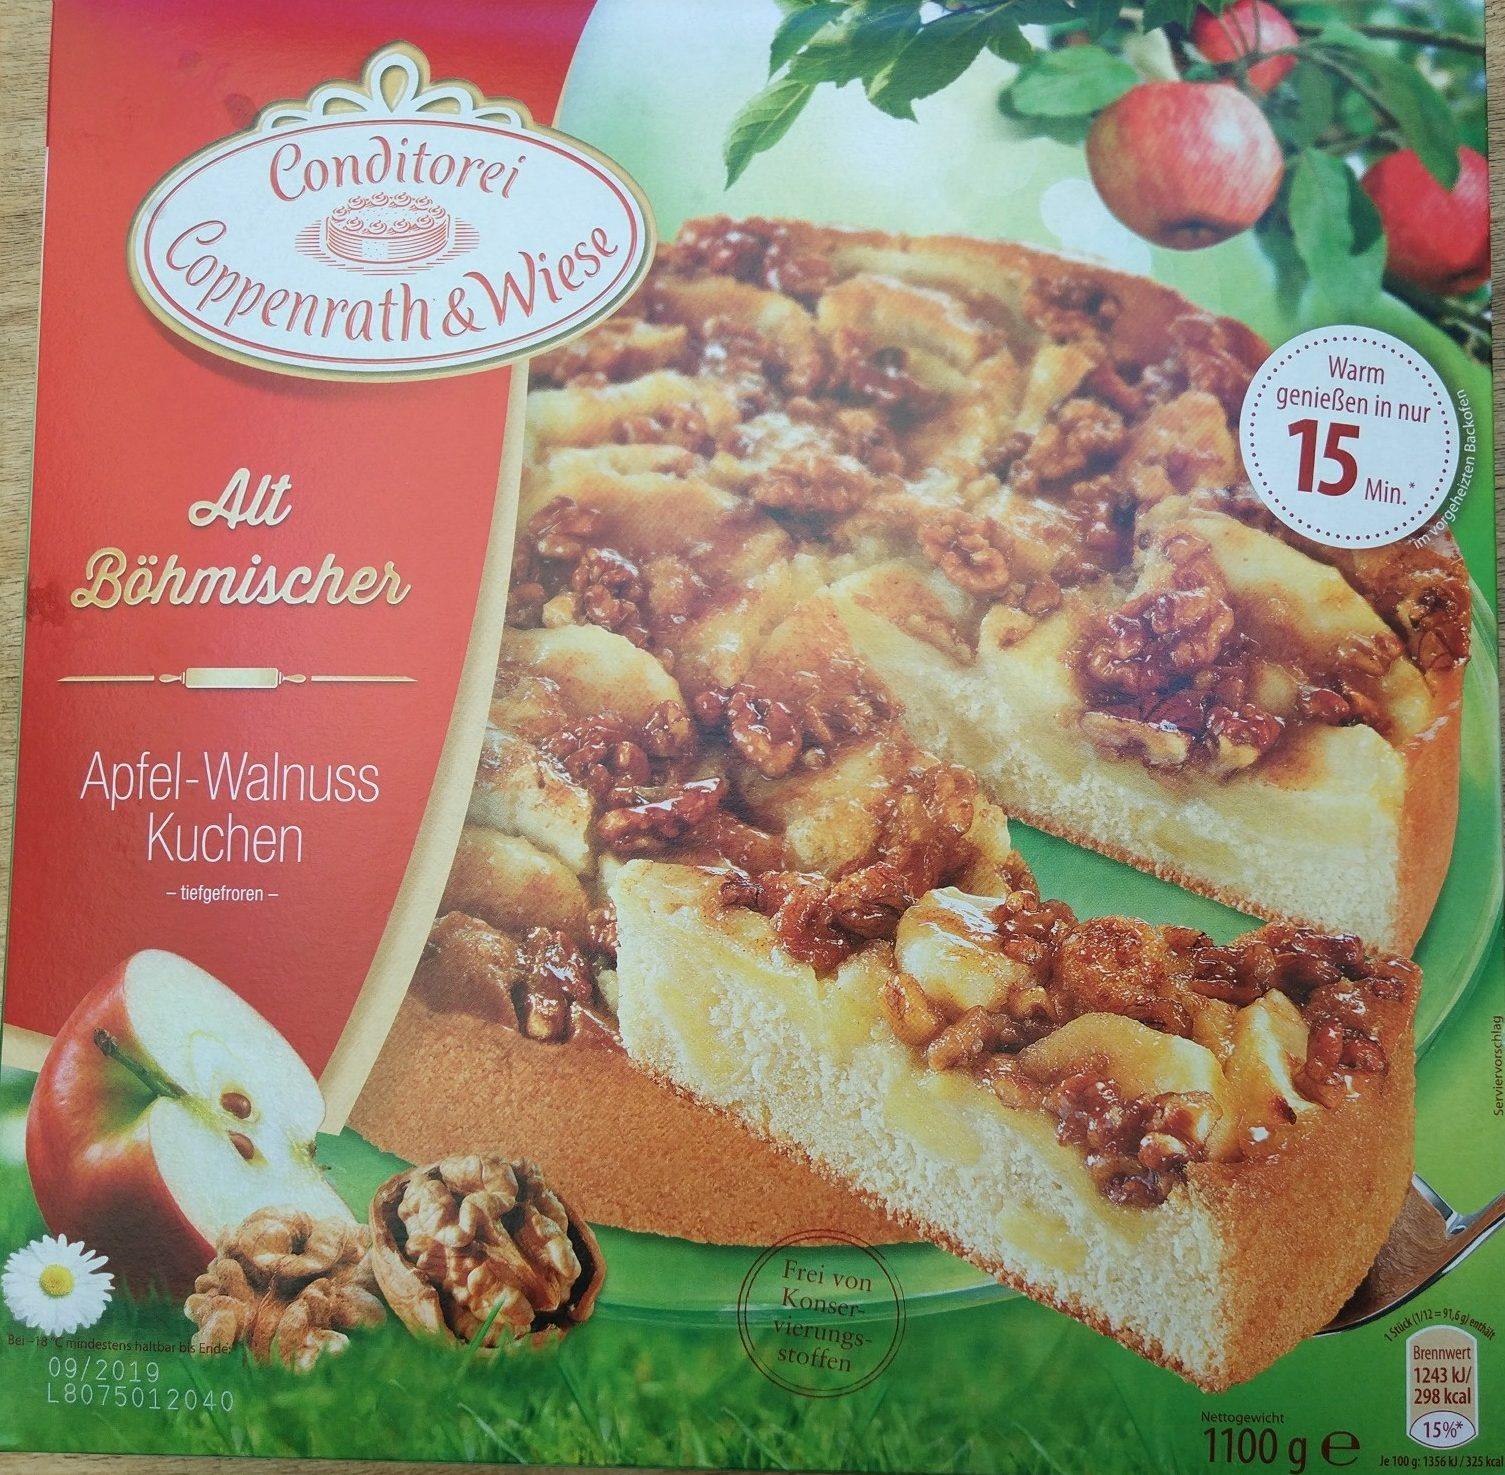 Alt Bohmischer Apfel Walnuss Kuchen Conditorei Coppenrath Wiese